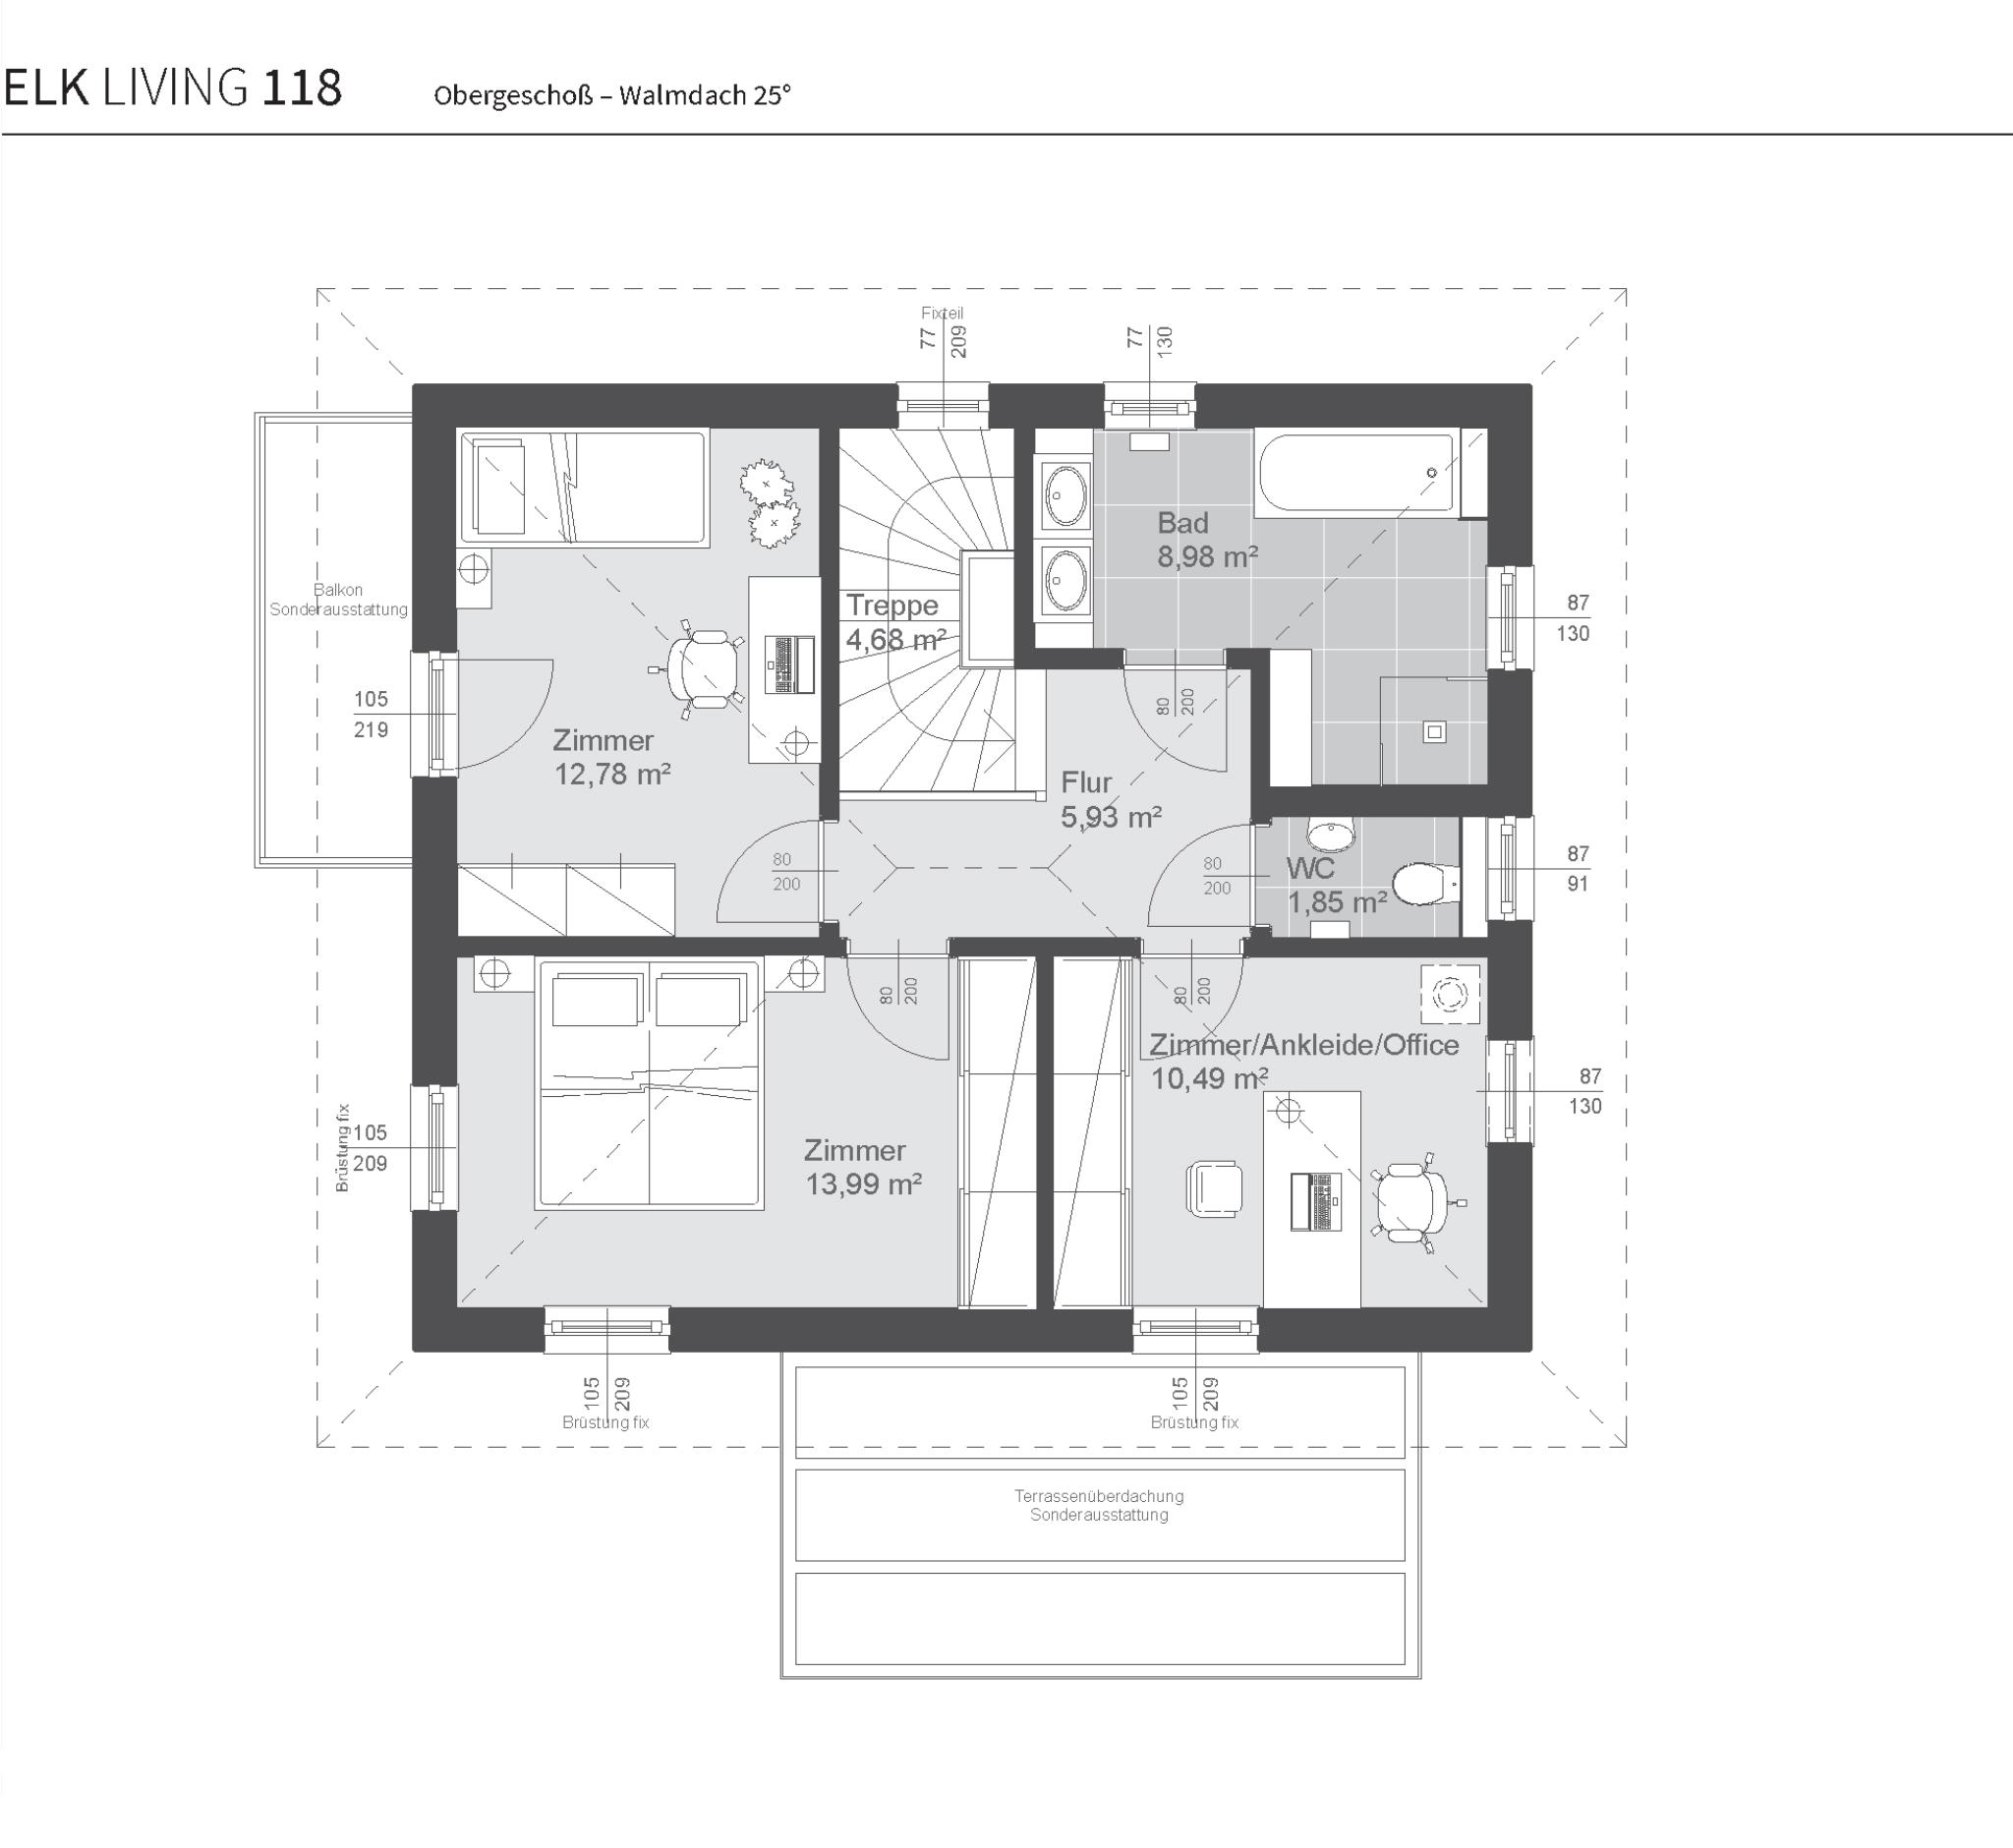 grundriss-fertighaus-elk-living-118-obergerschoss-walmdach25